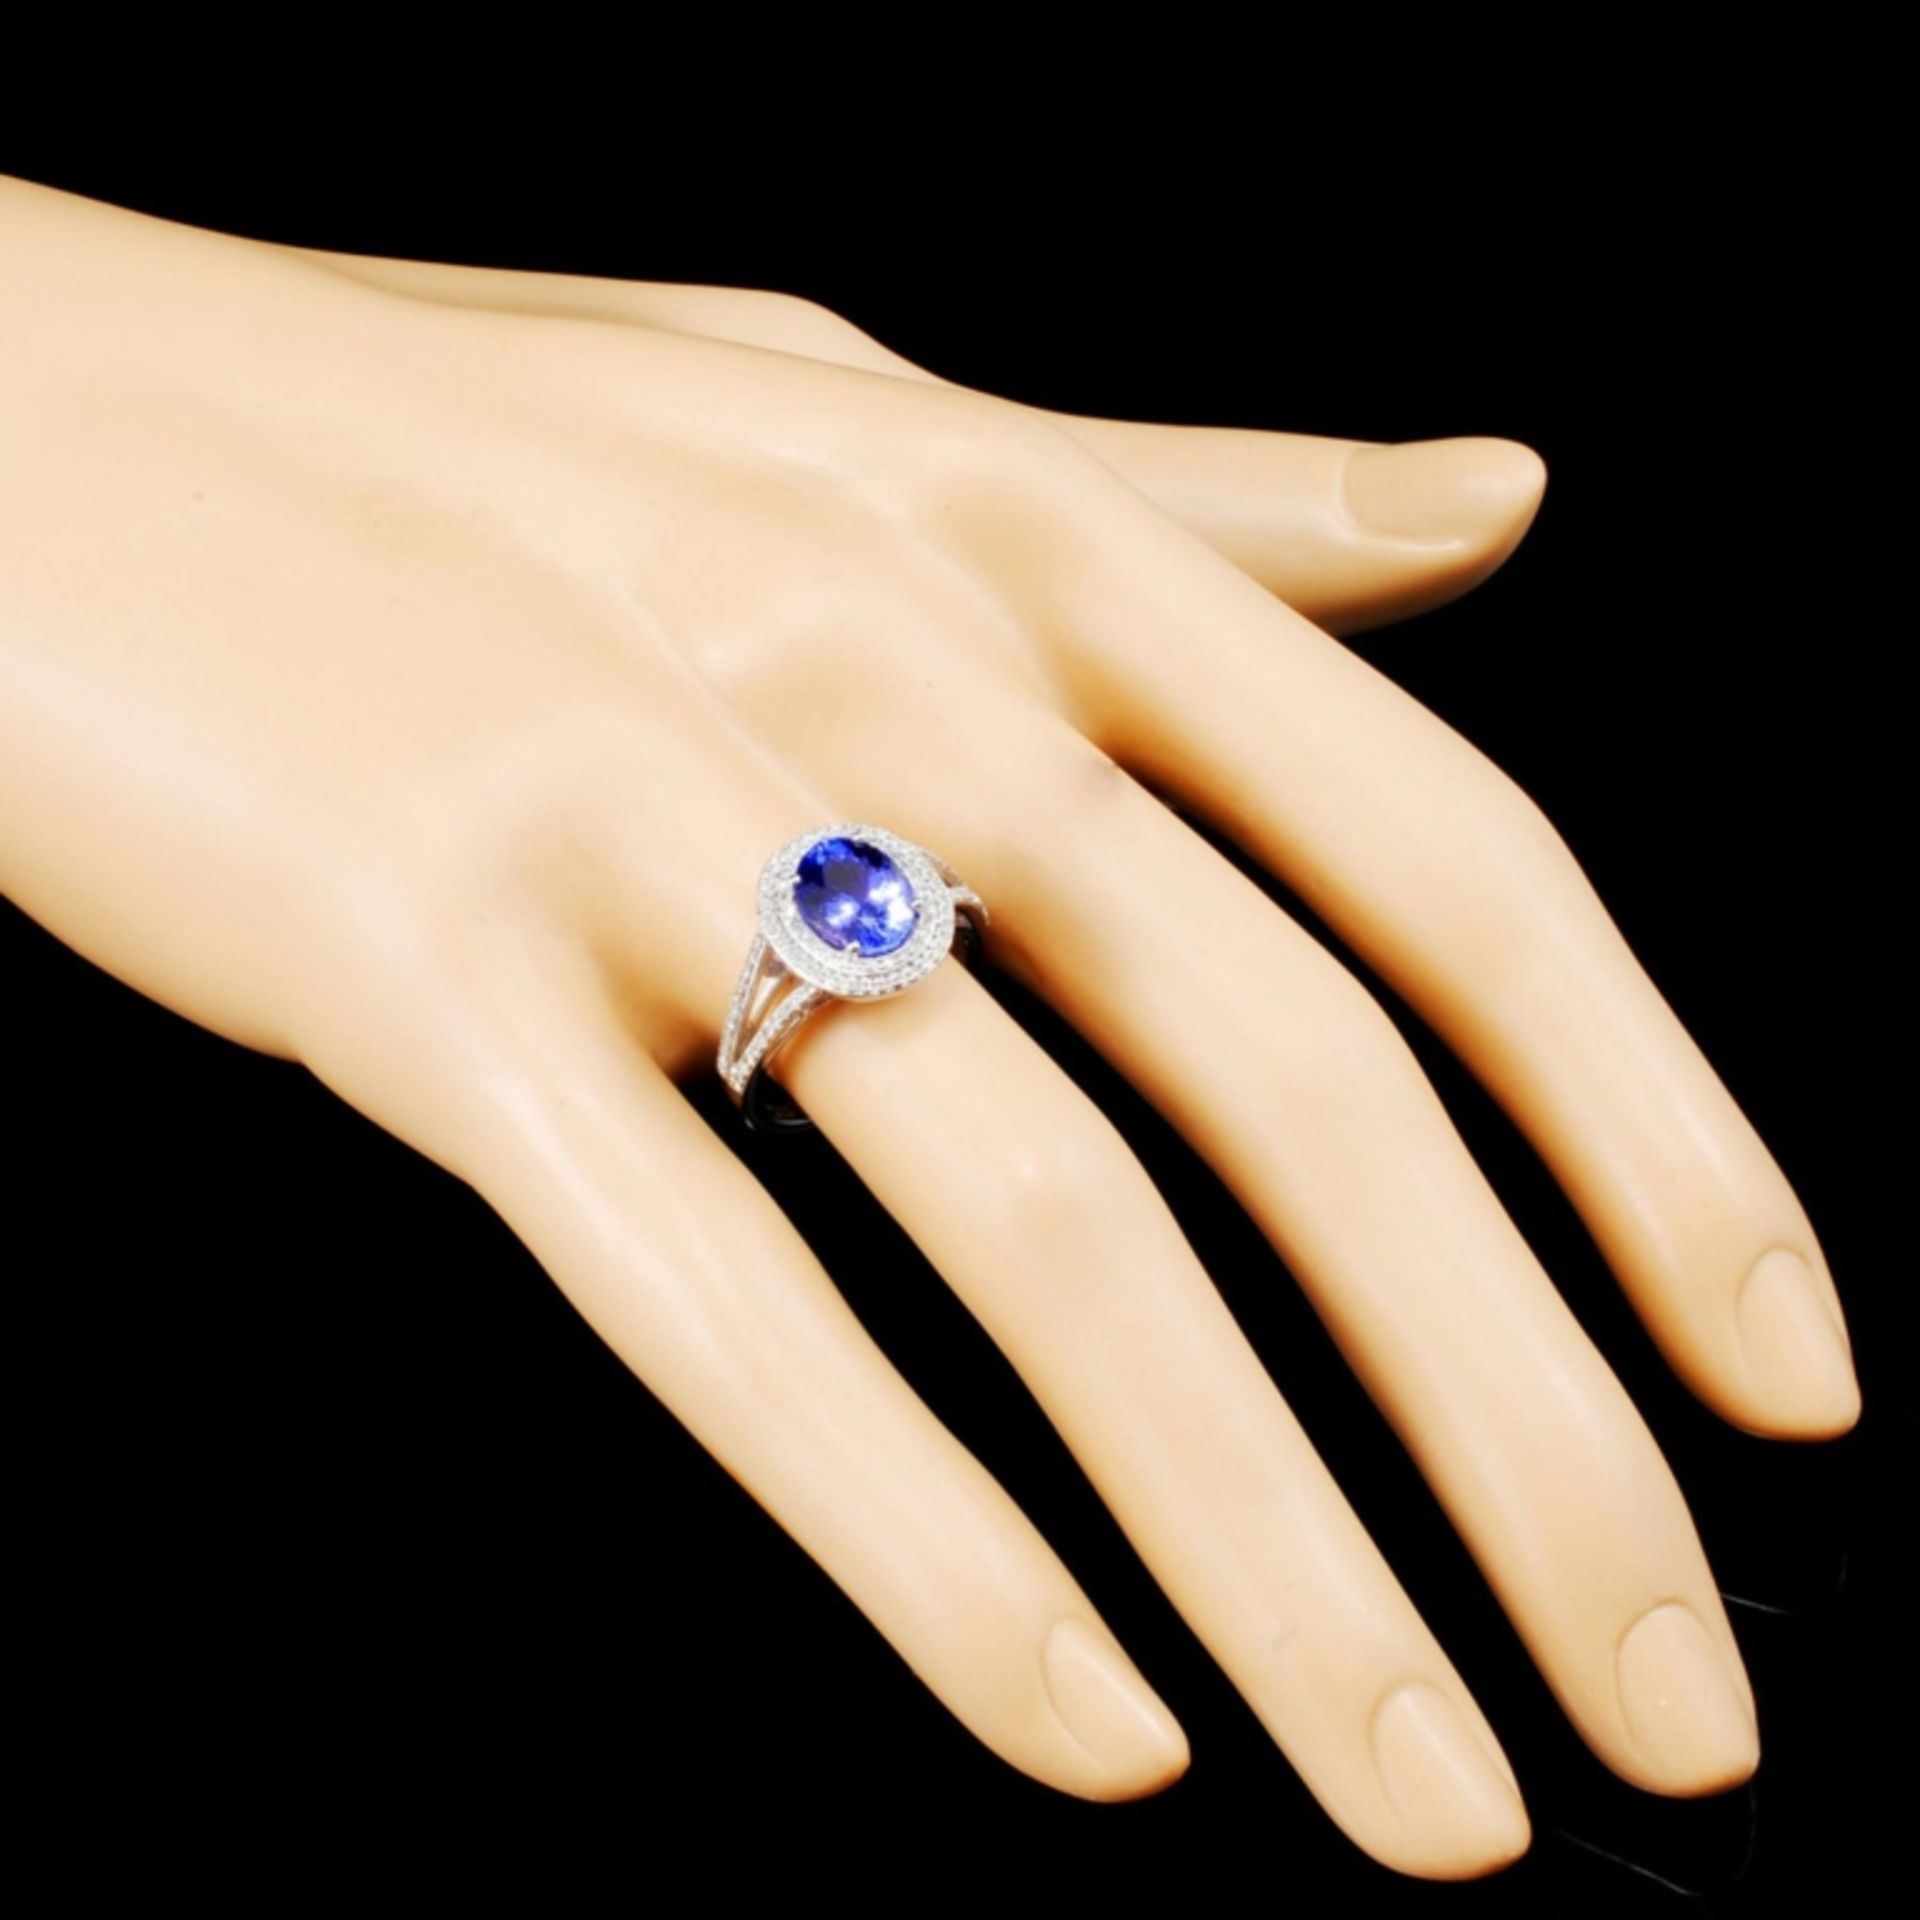 14K Gold 1.95ct Tanzanite & 0.48ctw Diamond Ring - Image 3 of 5